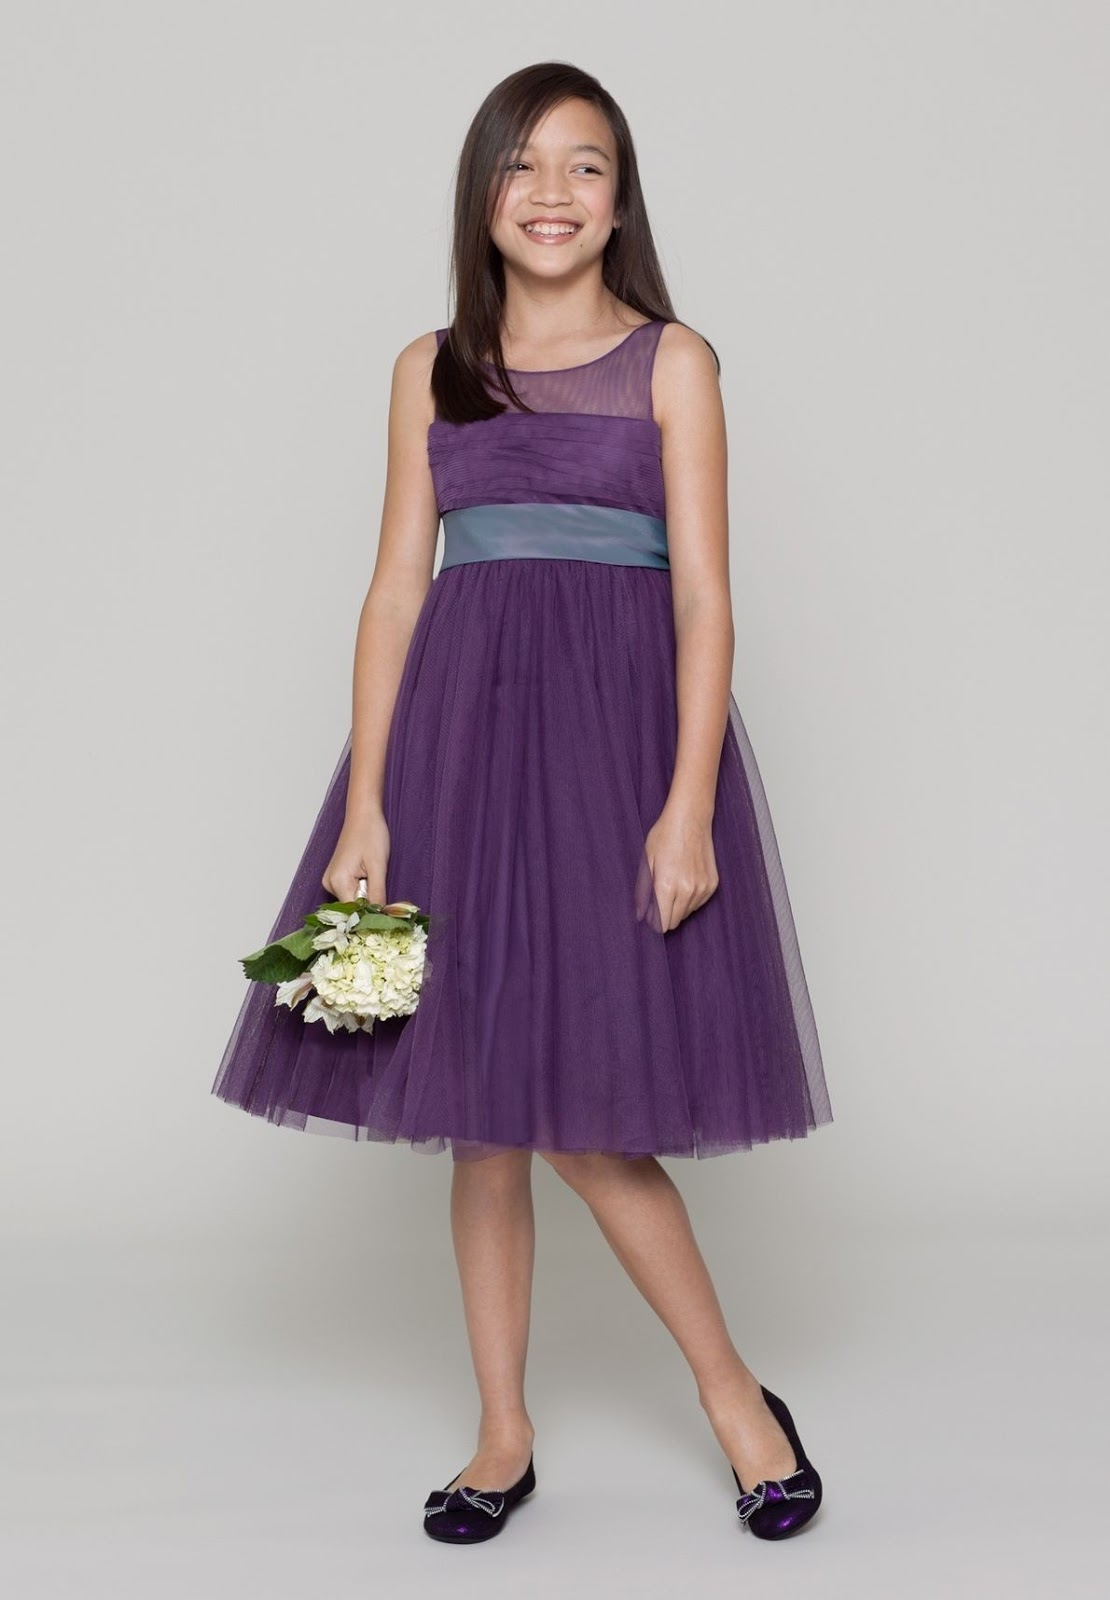 Junior Bridesmaid Dresses | DressedUpGirl.com